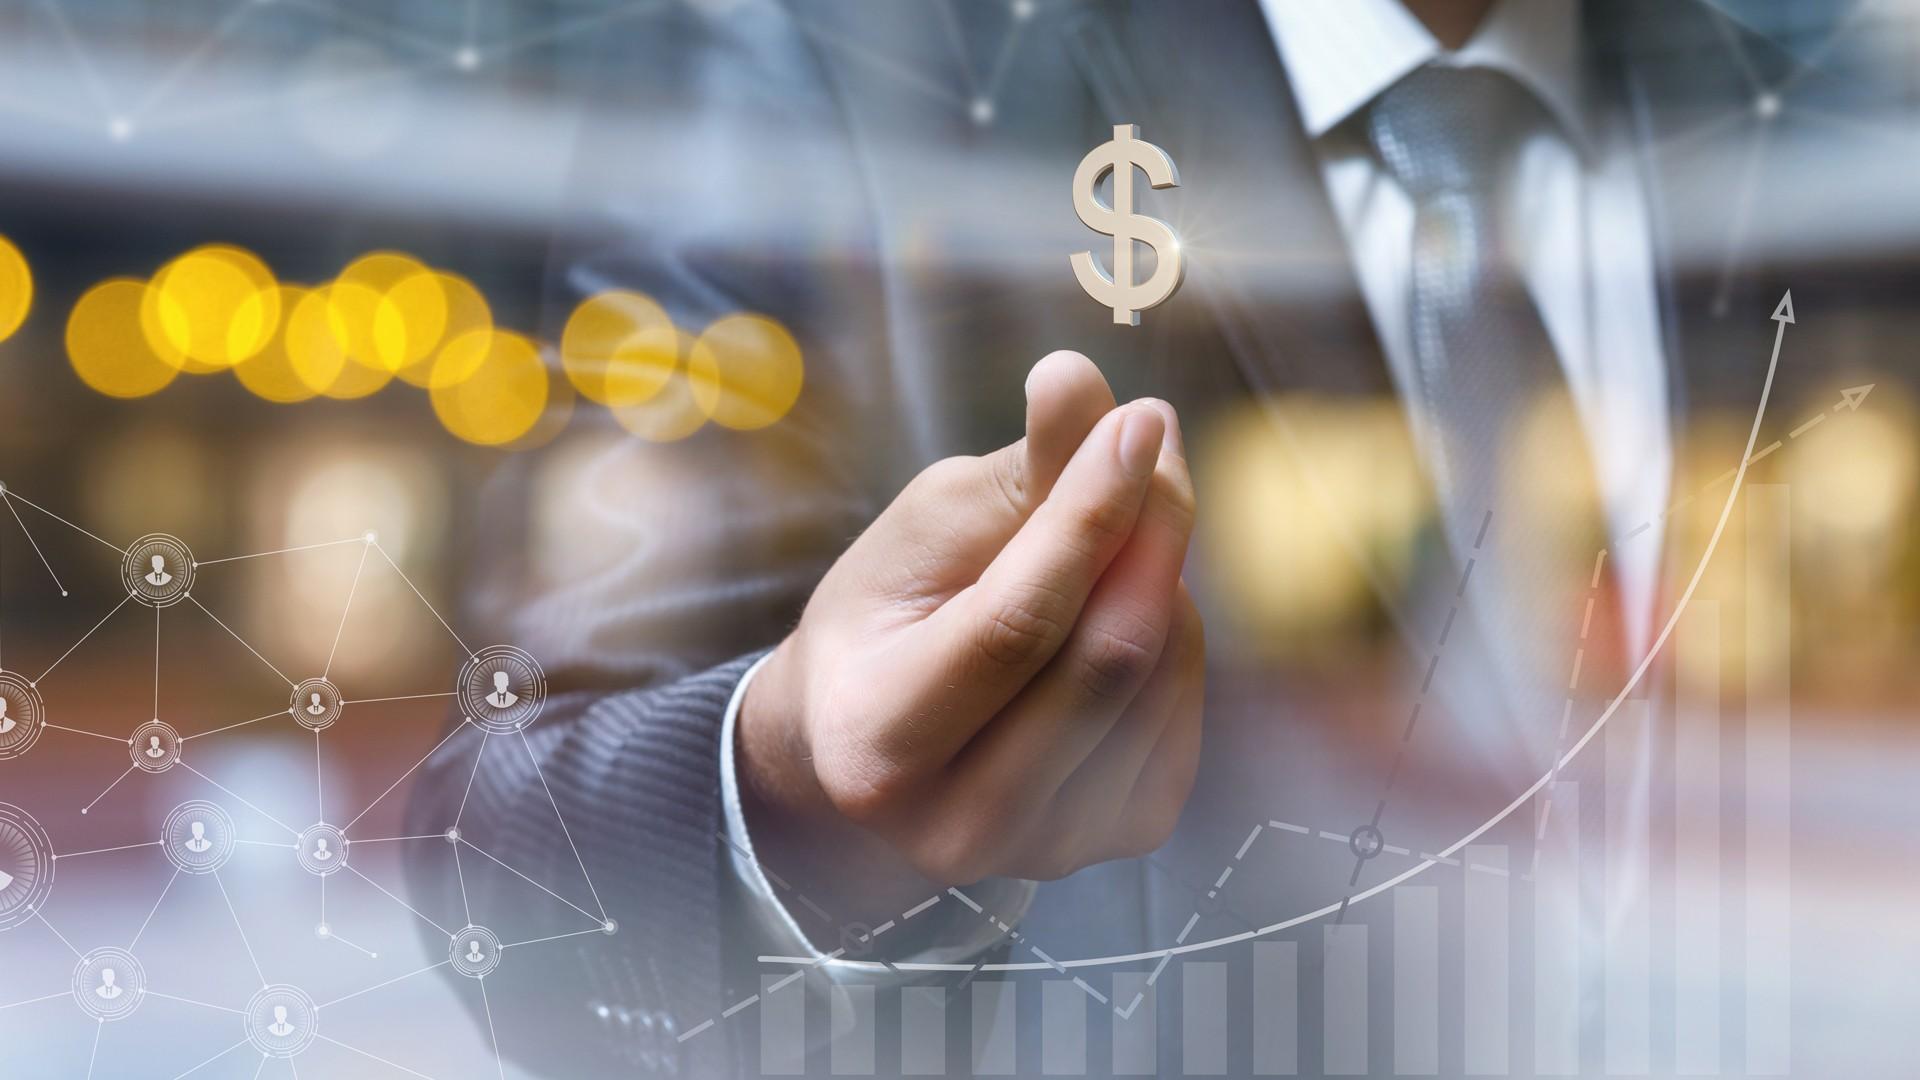 """Rủi ro và cơ hội """"kẻ tám lạng người nửa cân"""", năm 2021 chọn ngành nào đầu tư?"""